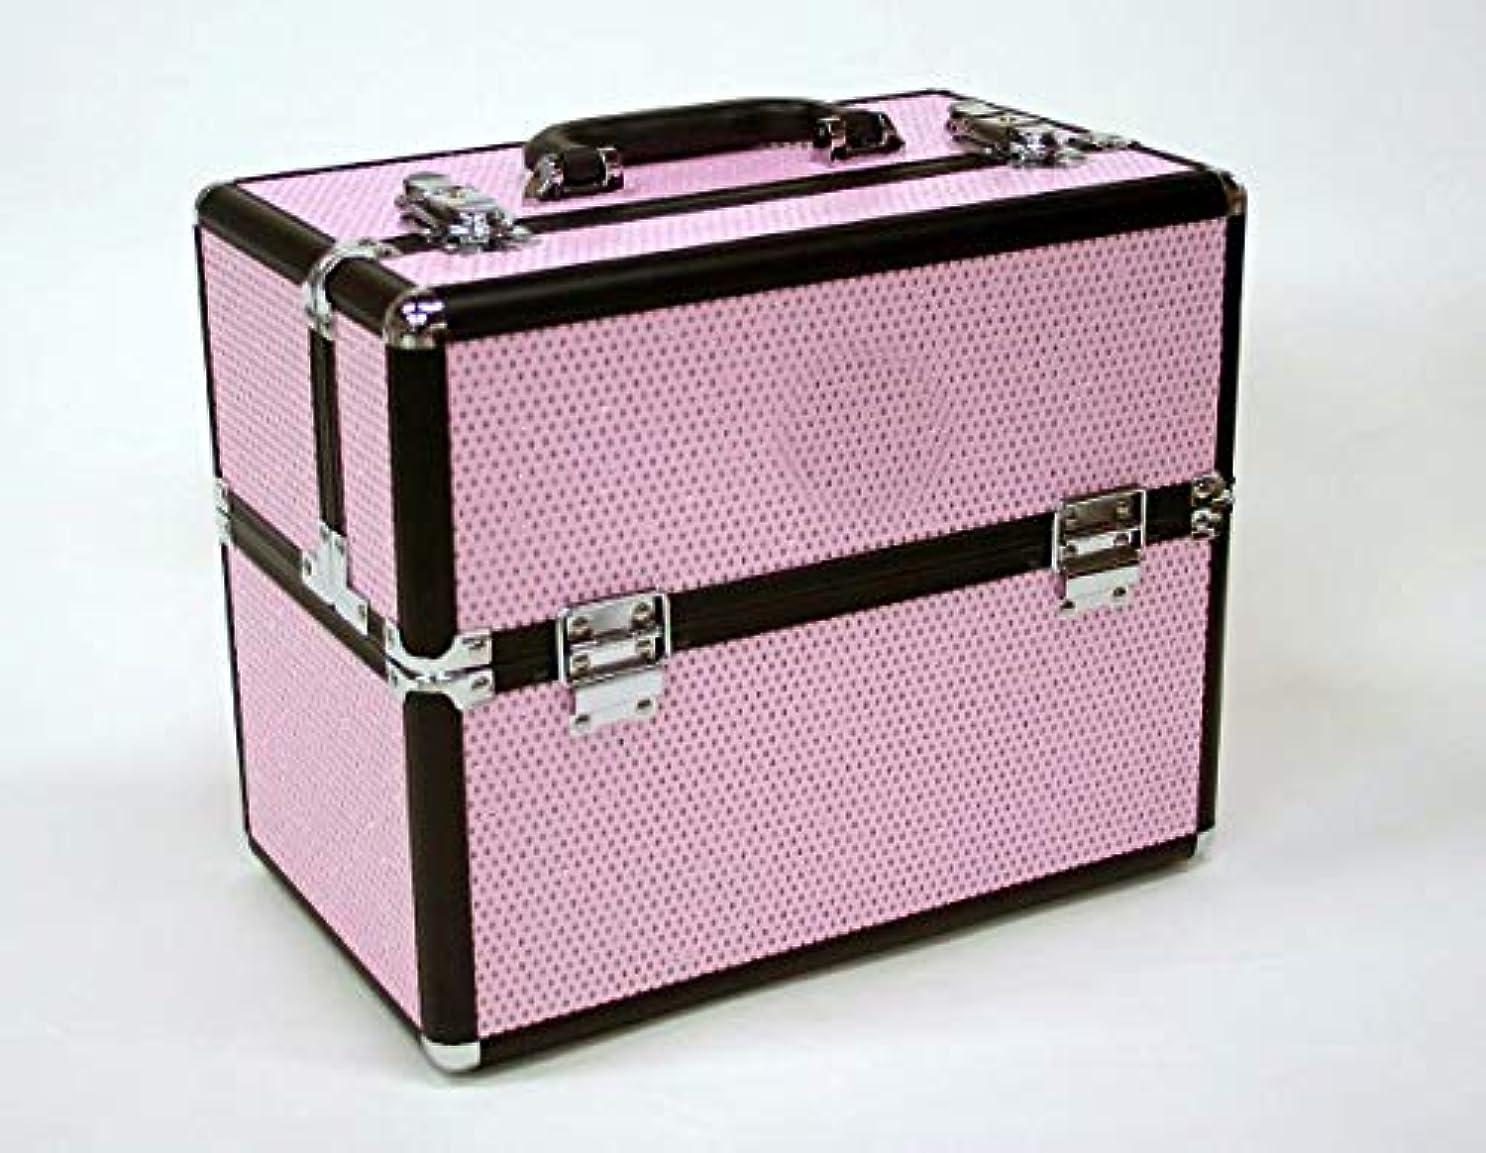 パトワバンドルメキシコメイクボックス|D2651IK-6|軽量タイプ|コスメボックス 化粧箱 メイクアップボックス|Make box MAKE UP BOX